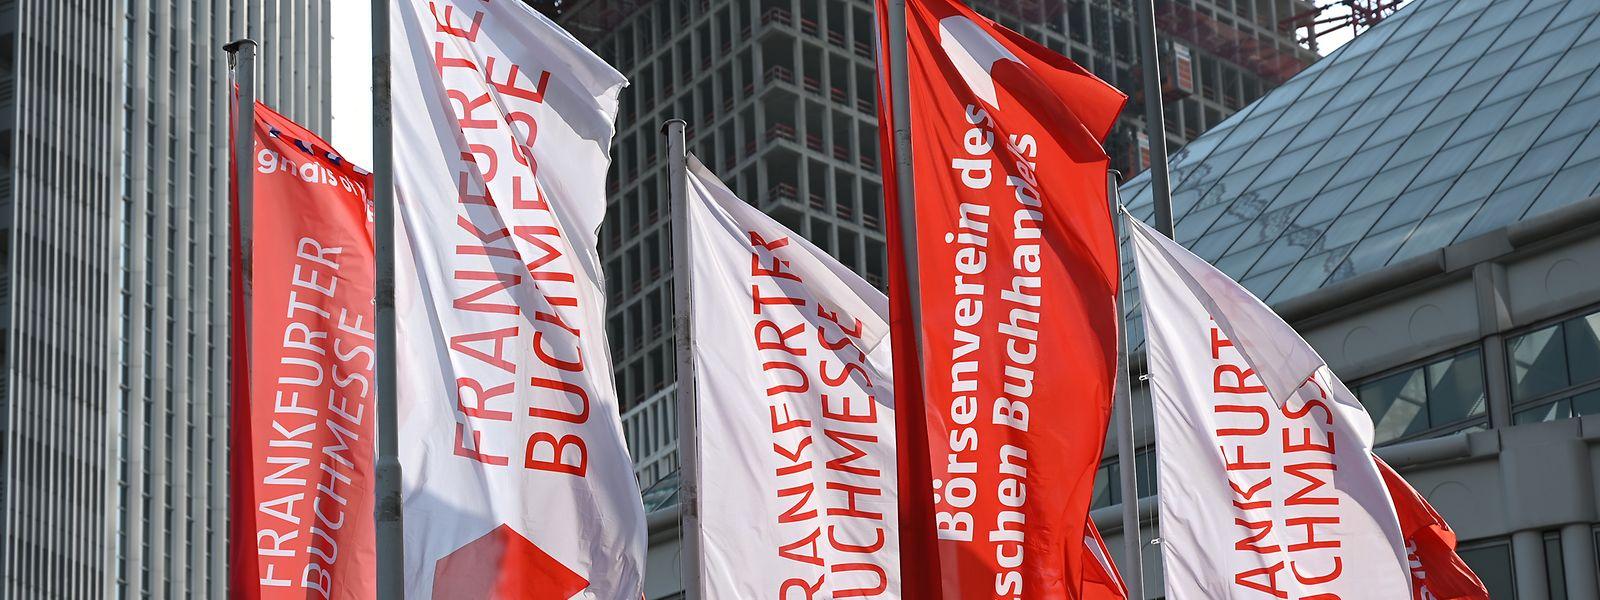 """Fahnen mit der Aufschrift """"Frankfurter Buchmesse"""" und """"Börsenverein des Deutschen Buchhandels"""" wehen vor dem Eingang City des Messegeländes. Die «Sonderedition» der Buchmesse findet vom 14. bis 18. Oktober statt."""